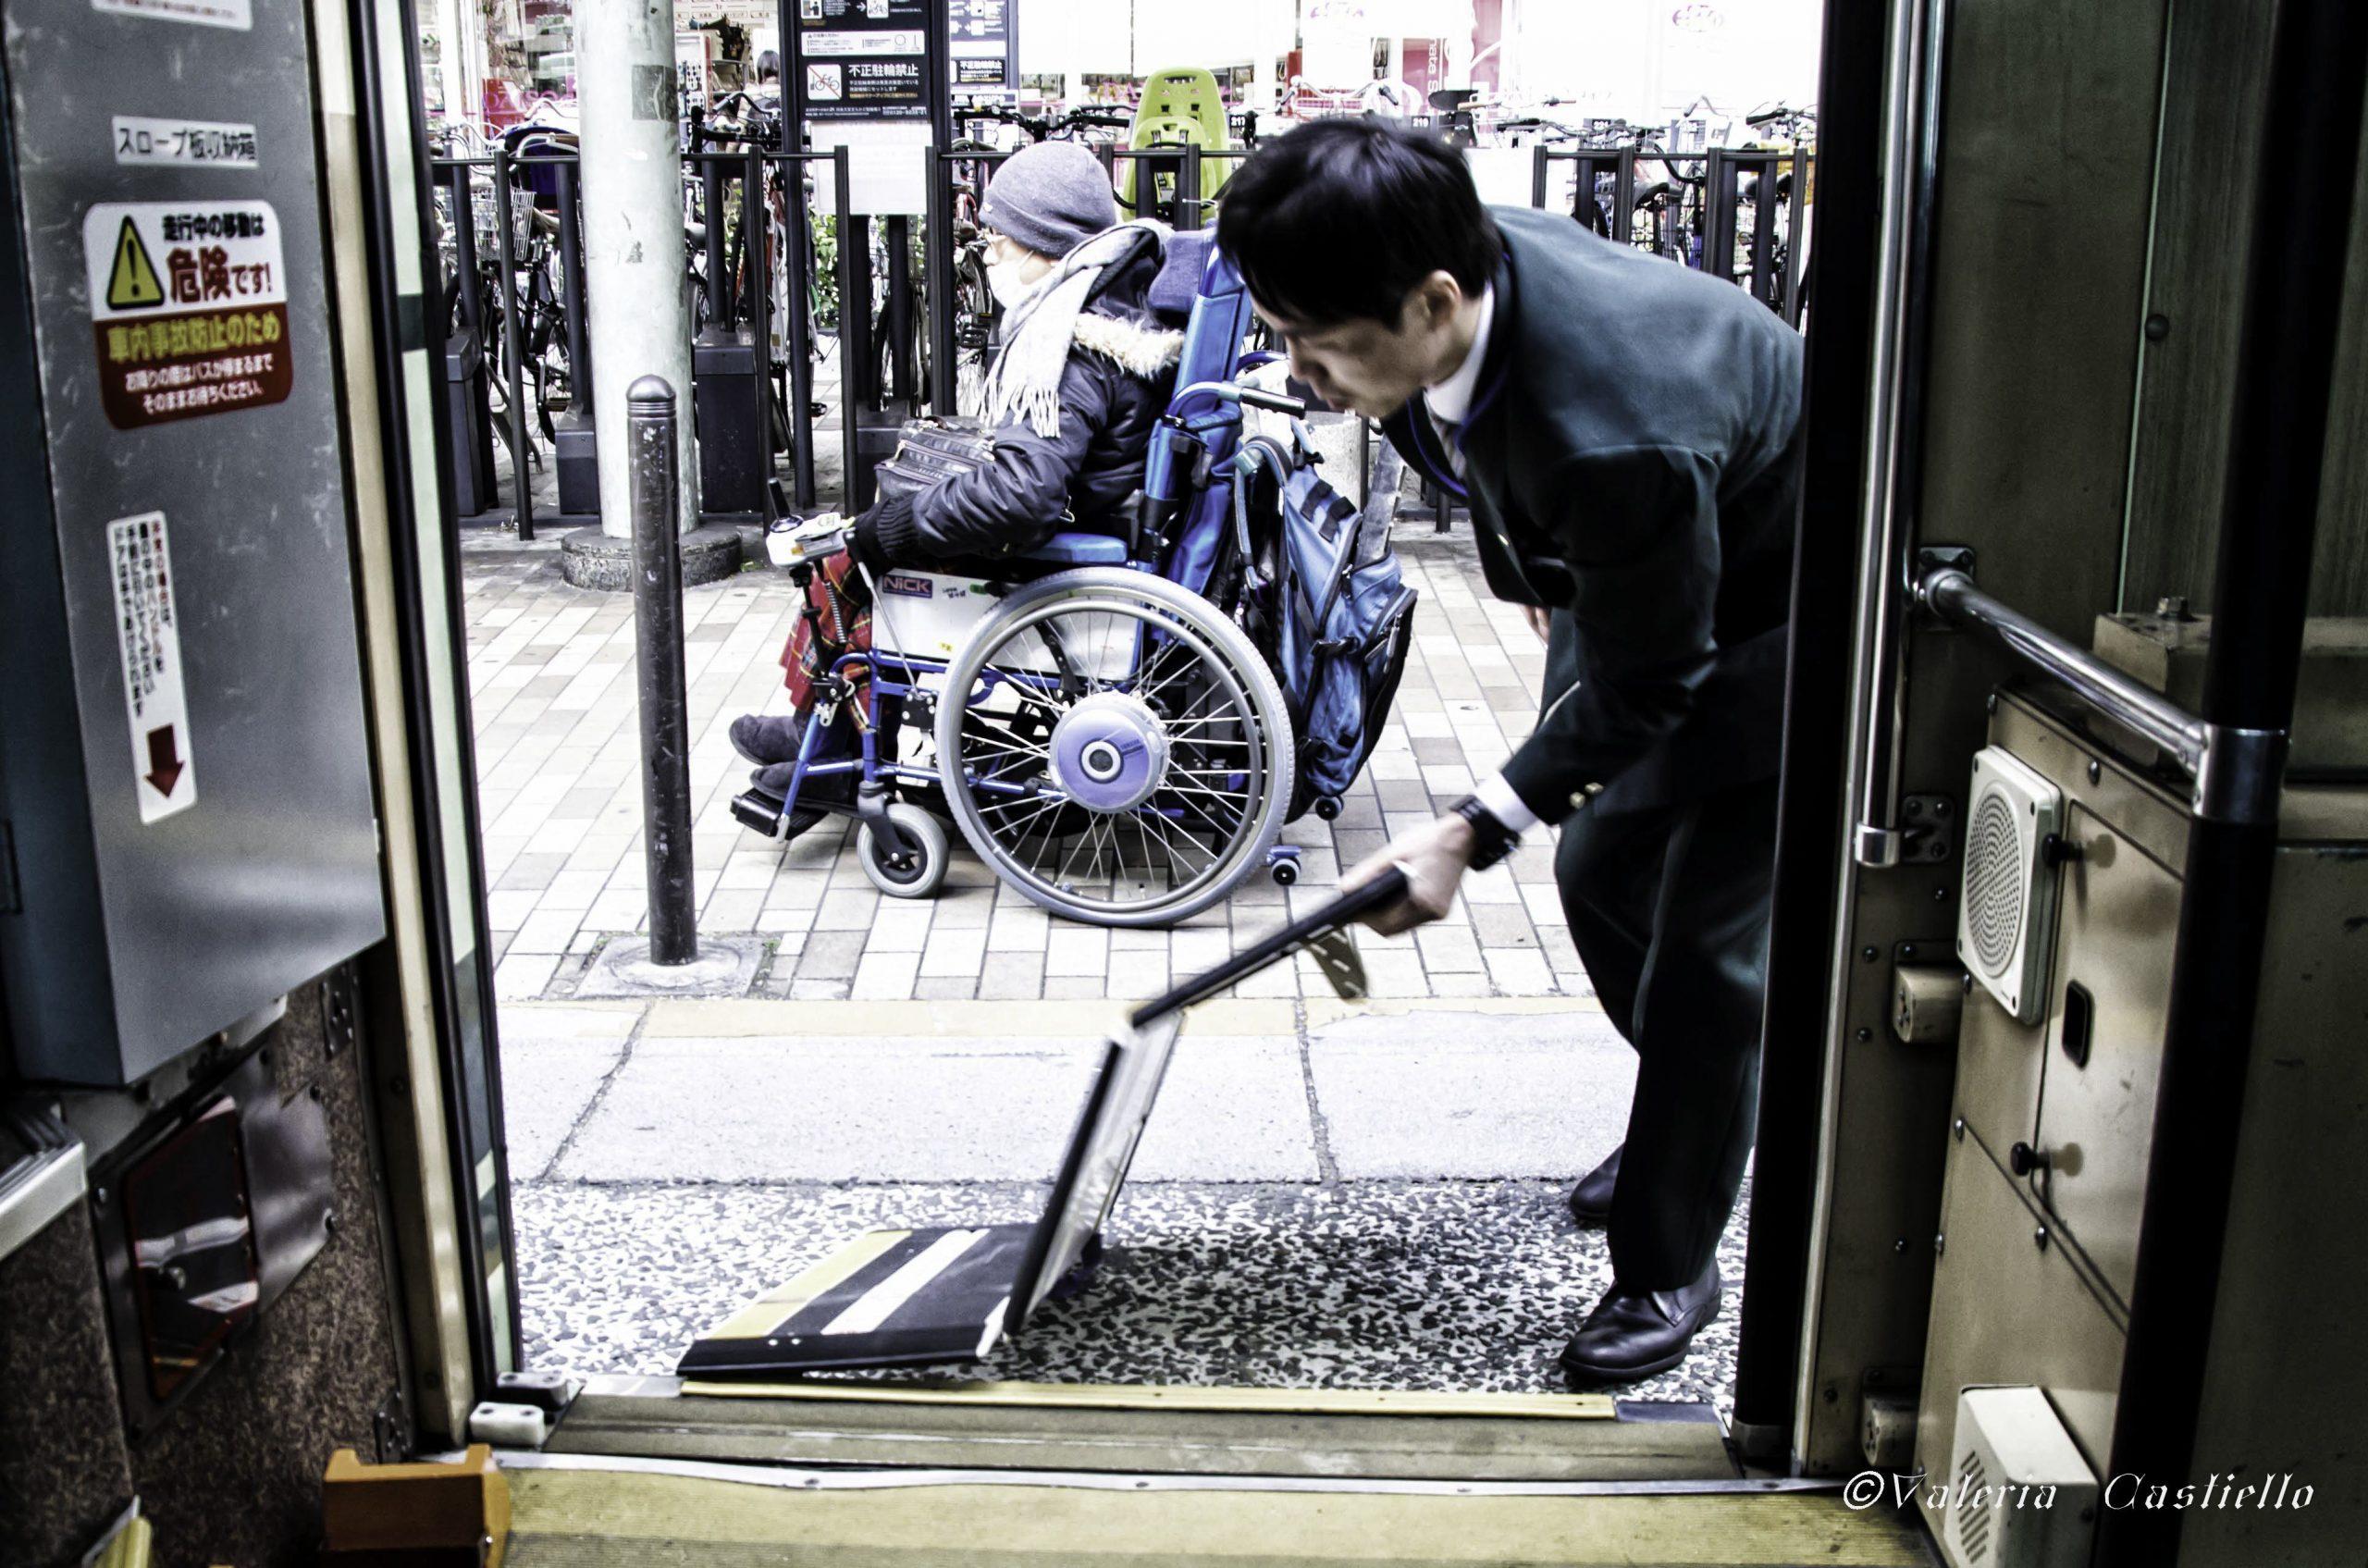 Giappone - Kyoto, pedana bus_wm